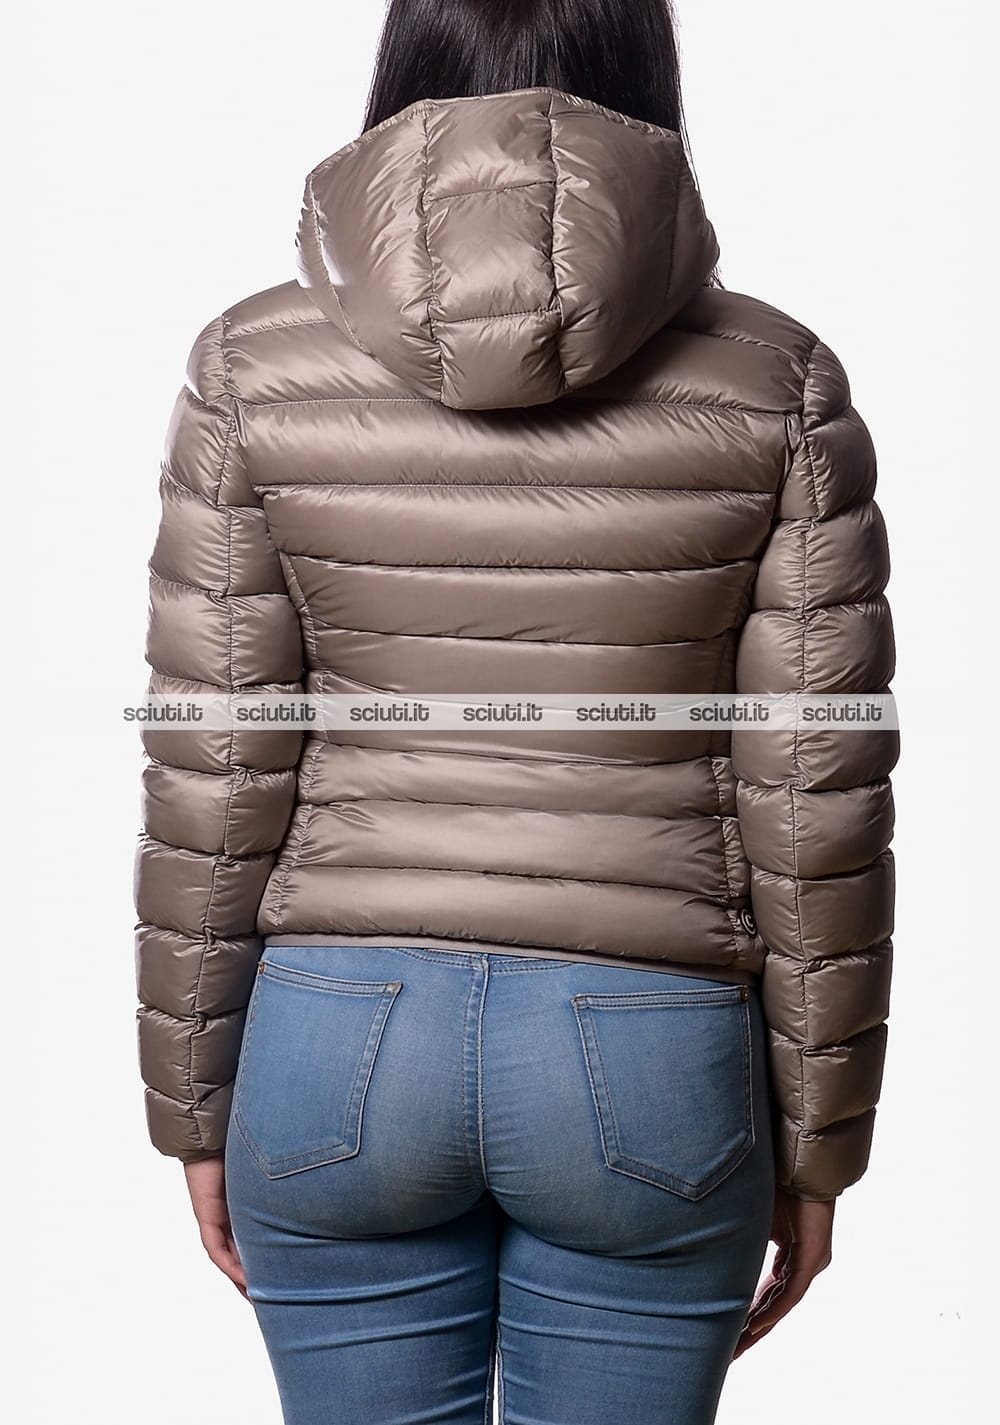 Sensitive Lodge click  Piumino Colmar donna pesante con cappuccio beige | Sciuti.it